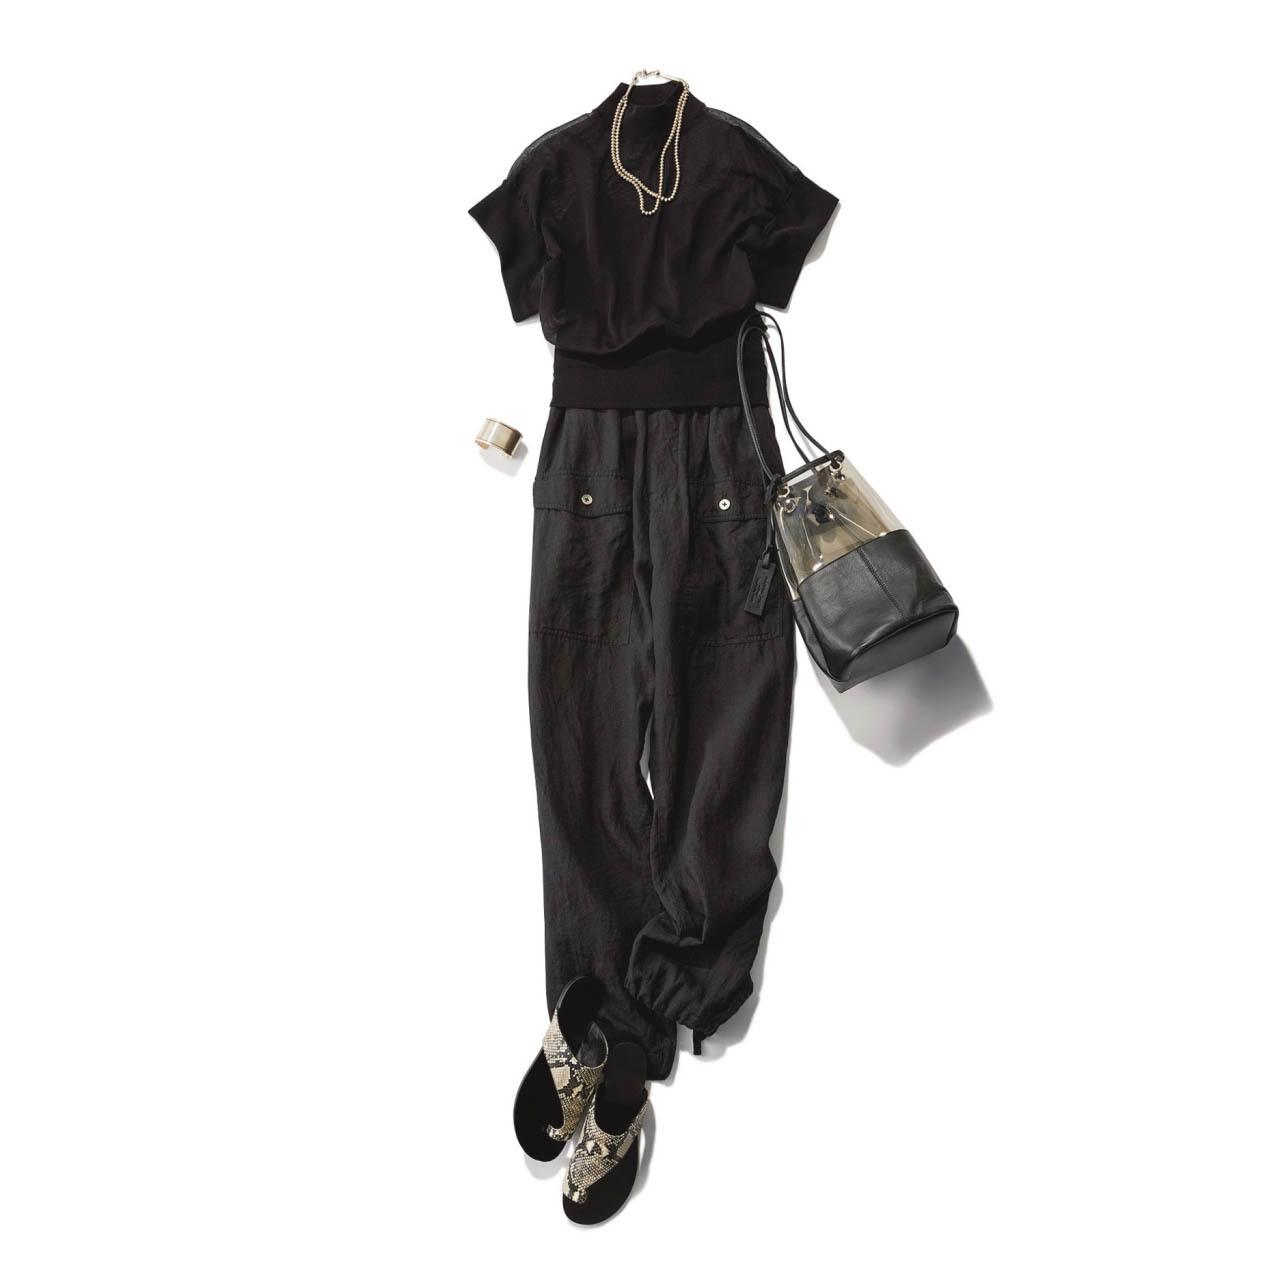 ■黒ニット×黒パンツのモノトーンコーデ